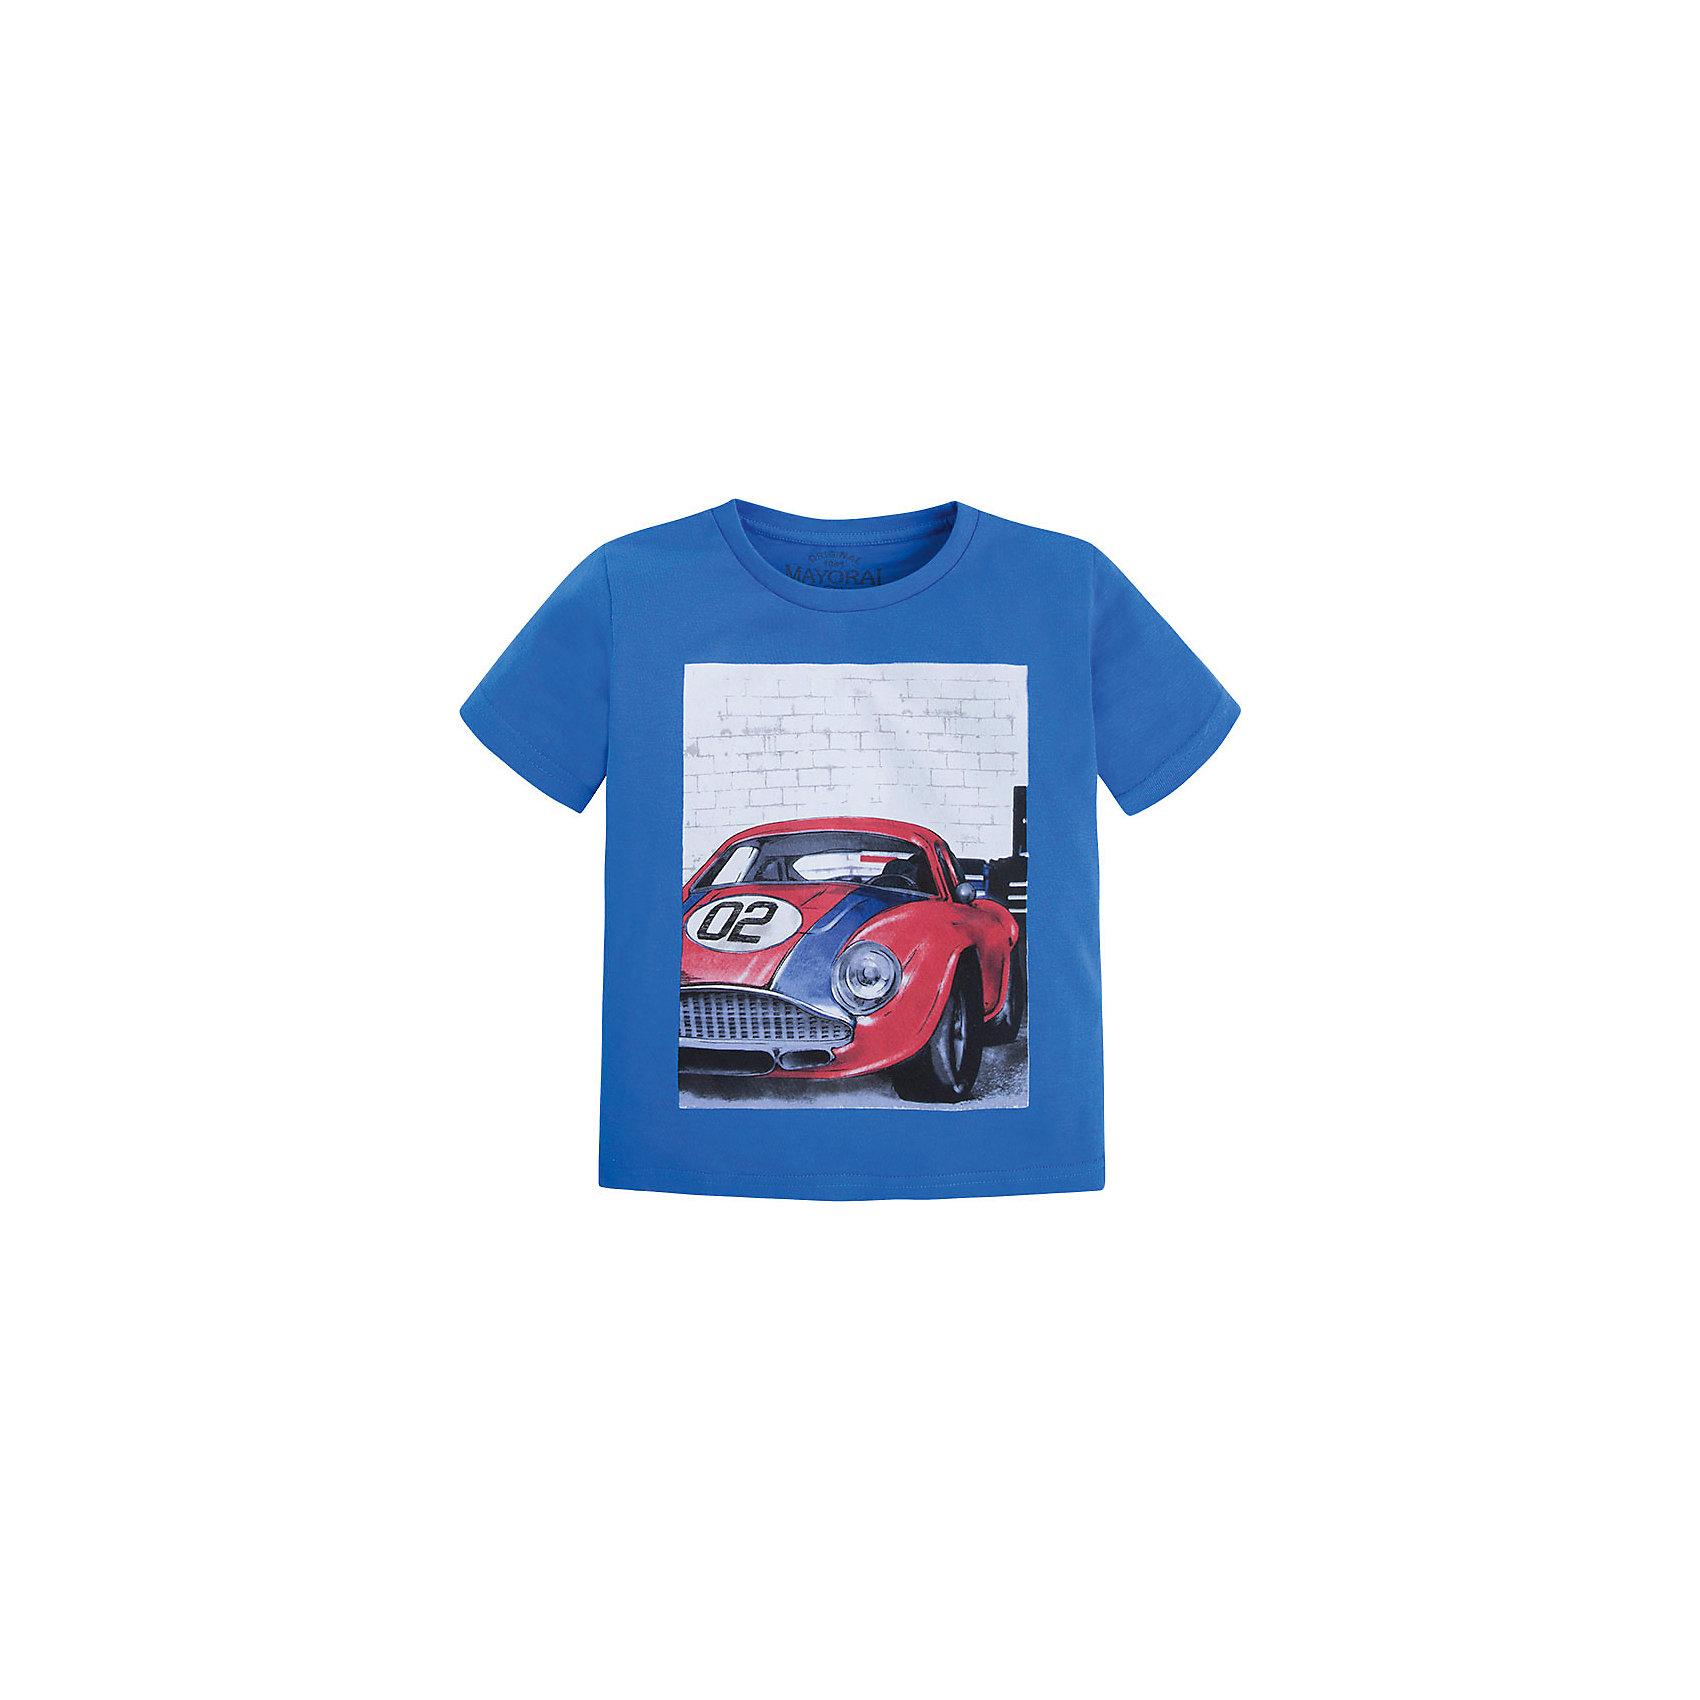 Футболка для мальчика MayoralФутболка для мальчика от известной испанской марки Mayoral <br><br>Стильная футболка от Mayoral - отличный вариант одежды на каждый день! Она прекрасно сочетается с джинсами и шортами.  Модель выполнена из качественных материалов, отлично сидит по фигуре.<br><br>Особенности модели:<br><br>- цвет: синий;<br>- рукава короткие;<br>- украшена принтом;<br>- натуральный материал.<br><br>Дополнительная информация:<br><br>Состав: 100% хлопок<br><br>Футболку для мальчика Mayoral (Майорал) можно купить в нашем магазине.<br><br>Ширина мм: 199<br>Глубина мм: 10<br>Высота мм: 161<br>Вес г: 151<br>Цвет: синий<br>Возраст от месяцев: 84<br>Возраст до месяцев: 96<br>Пол: Мужской<br>Возраст: Детский<br>Размер: 128,116,110,98,104,122,134<br>SKU: 4541381